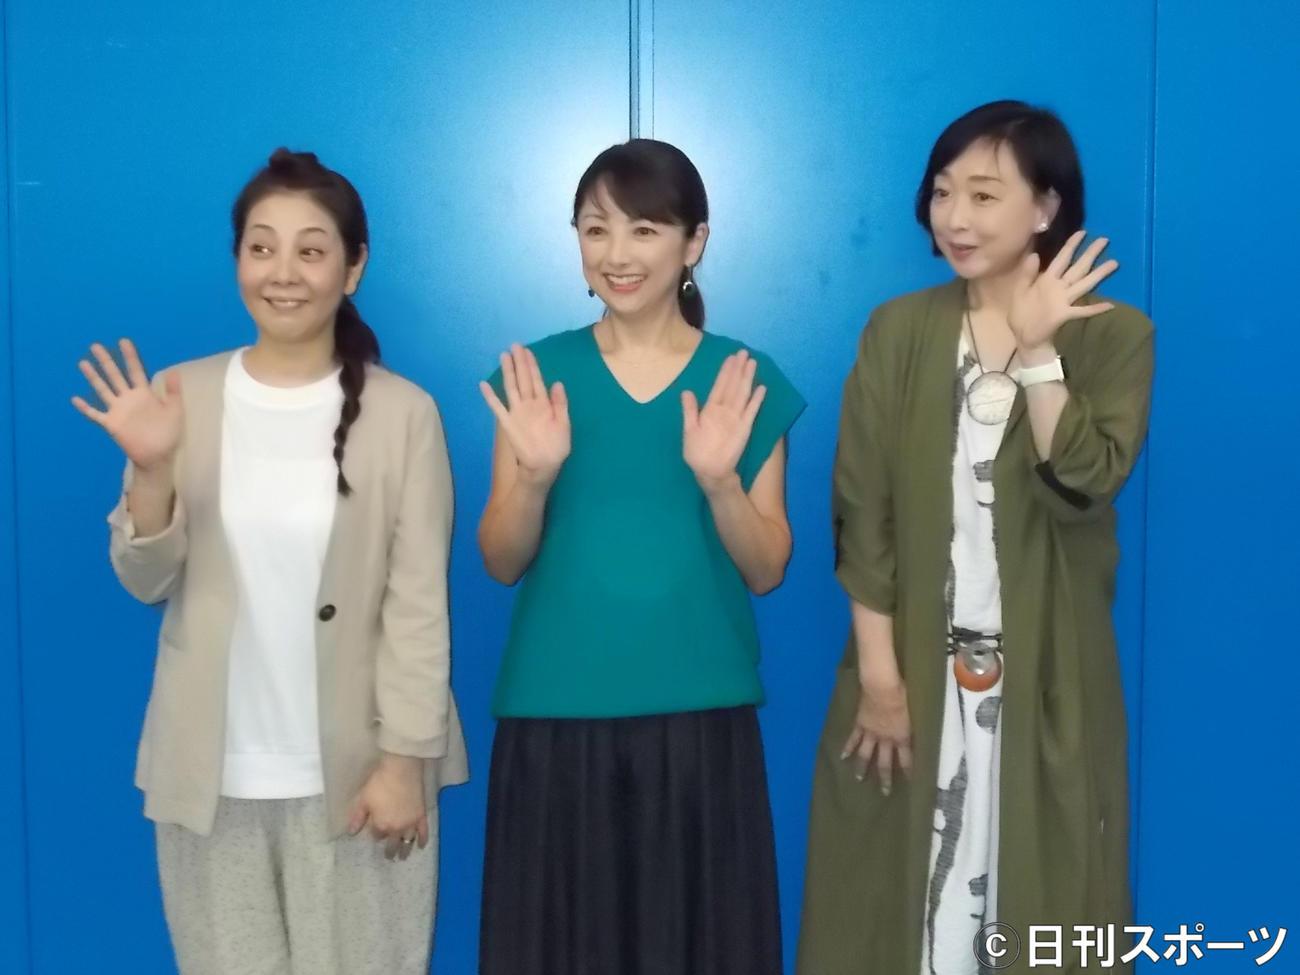 リモートドラマの会見に出席した芳本美代子、櫻井淳子、川上麻衣子(左から)